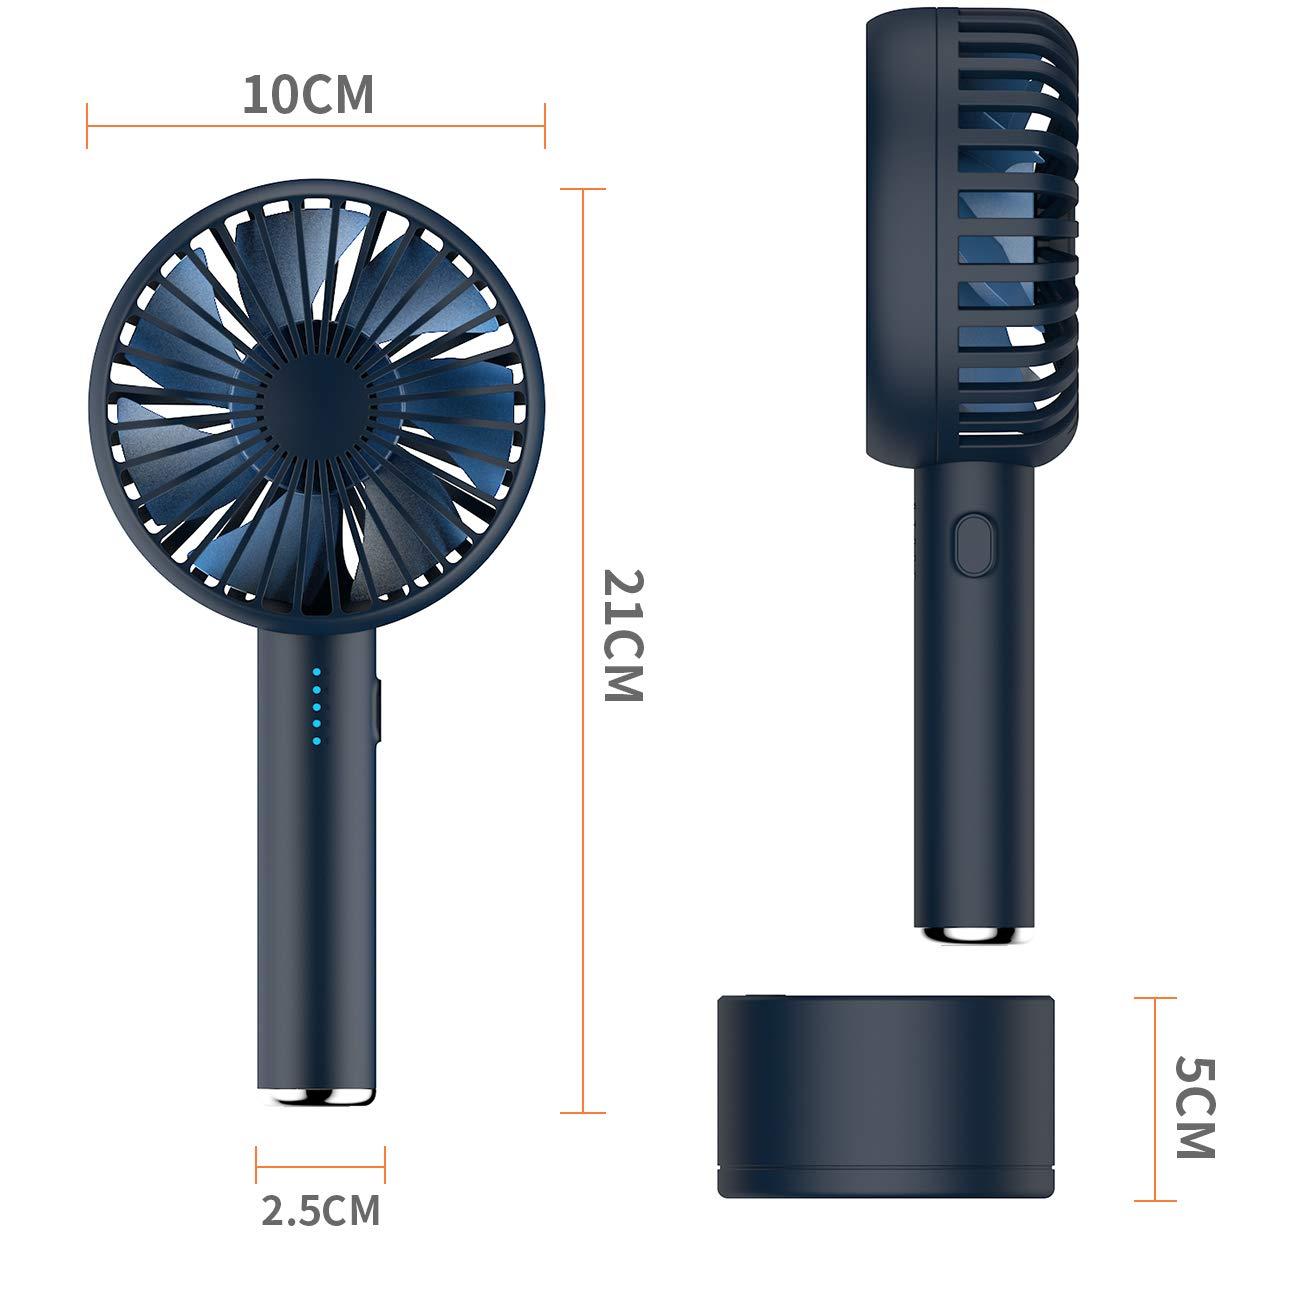 5 velocit/à del Vento Silenzioso EXTSUD Ventilatore Portatile Mini USB con Base Ricaricabile Piccolo PC Ventilatore per Ufficio Campeggio e casa Ventola per aromaterapia Girevole a 120/°